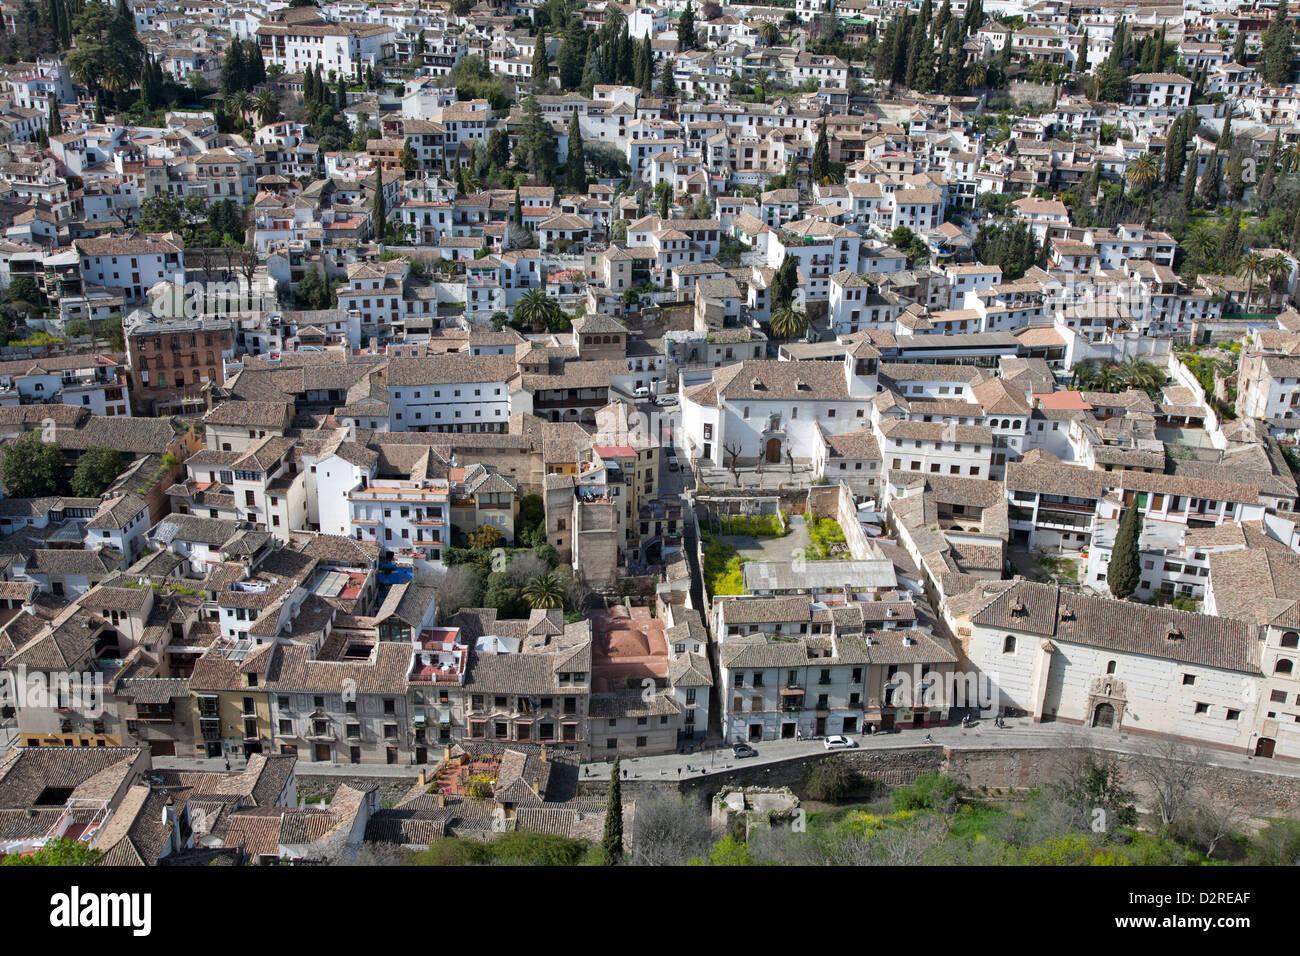 Mediterrane Architektur die stadt granada und seine mediterrane architektur angesehen